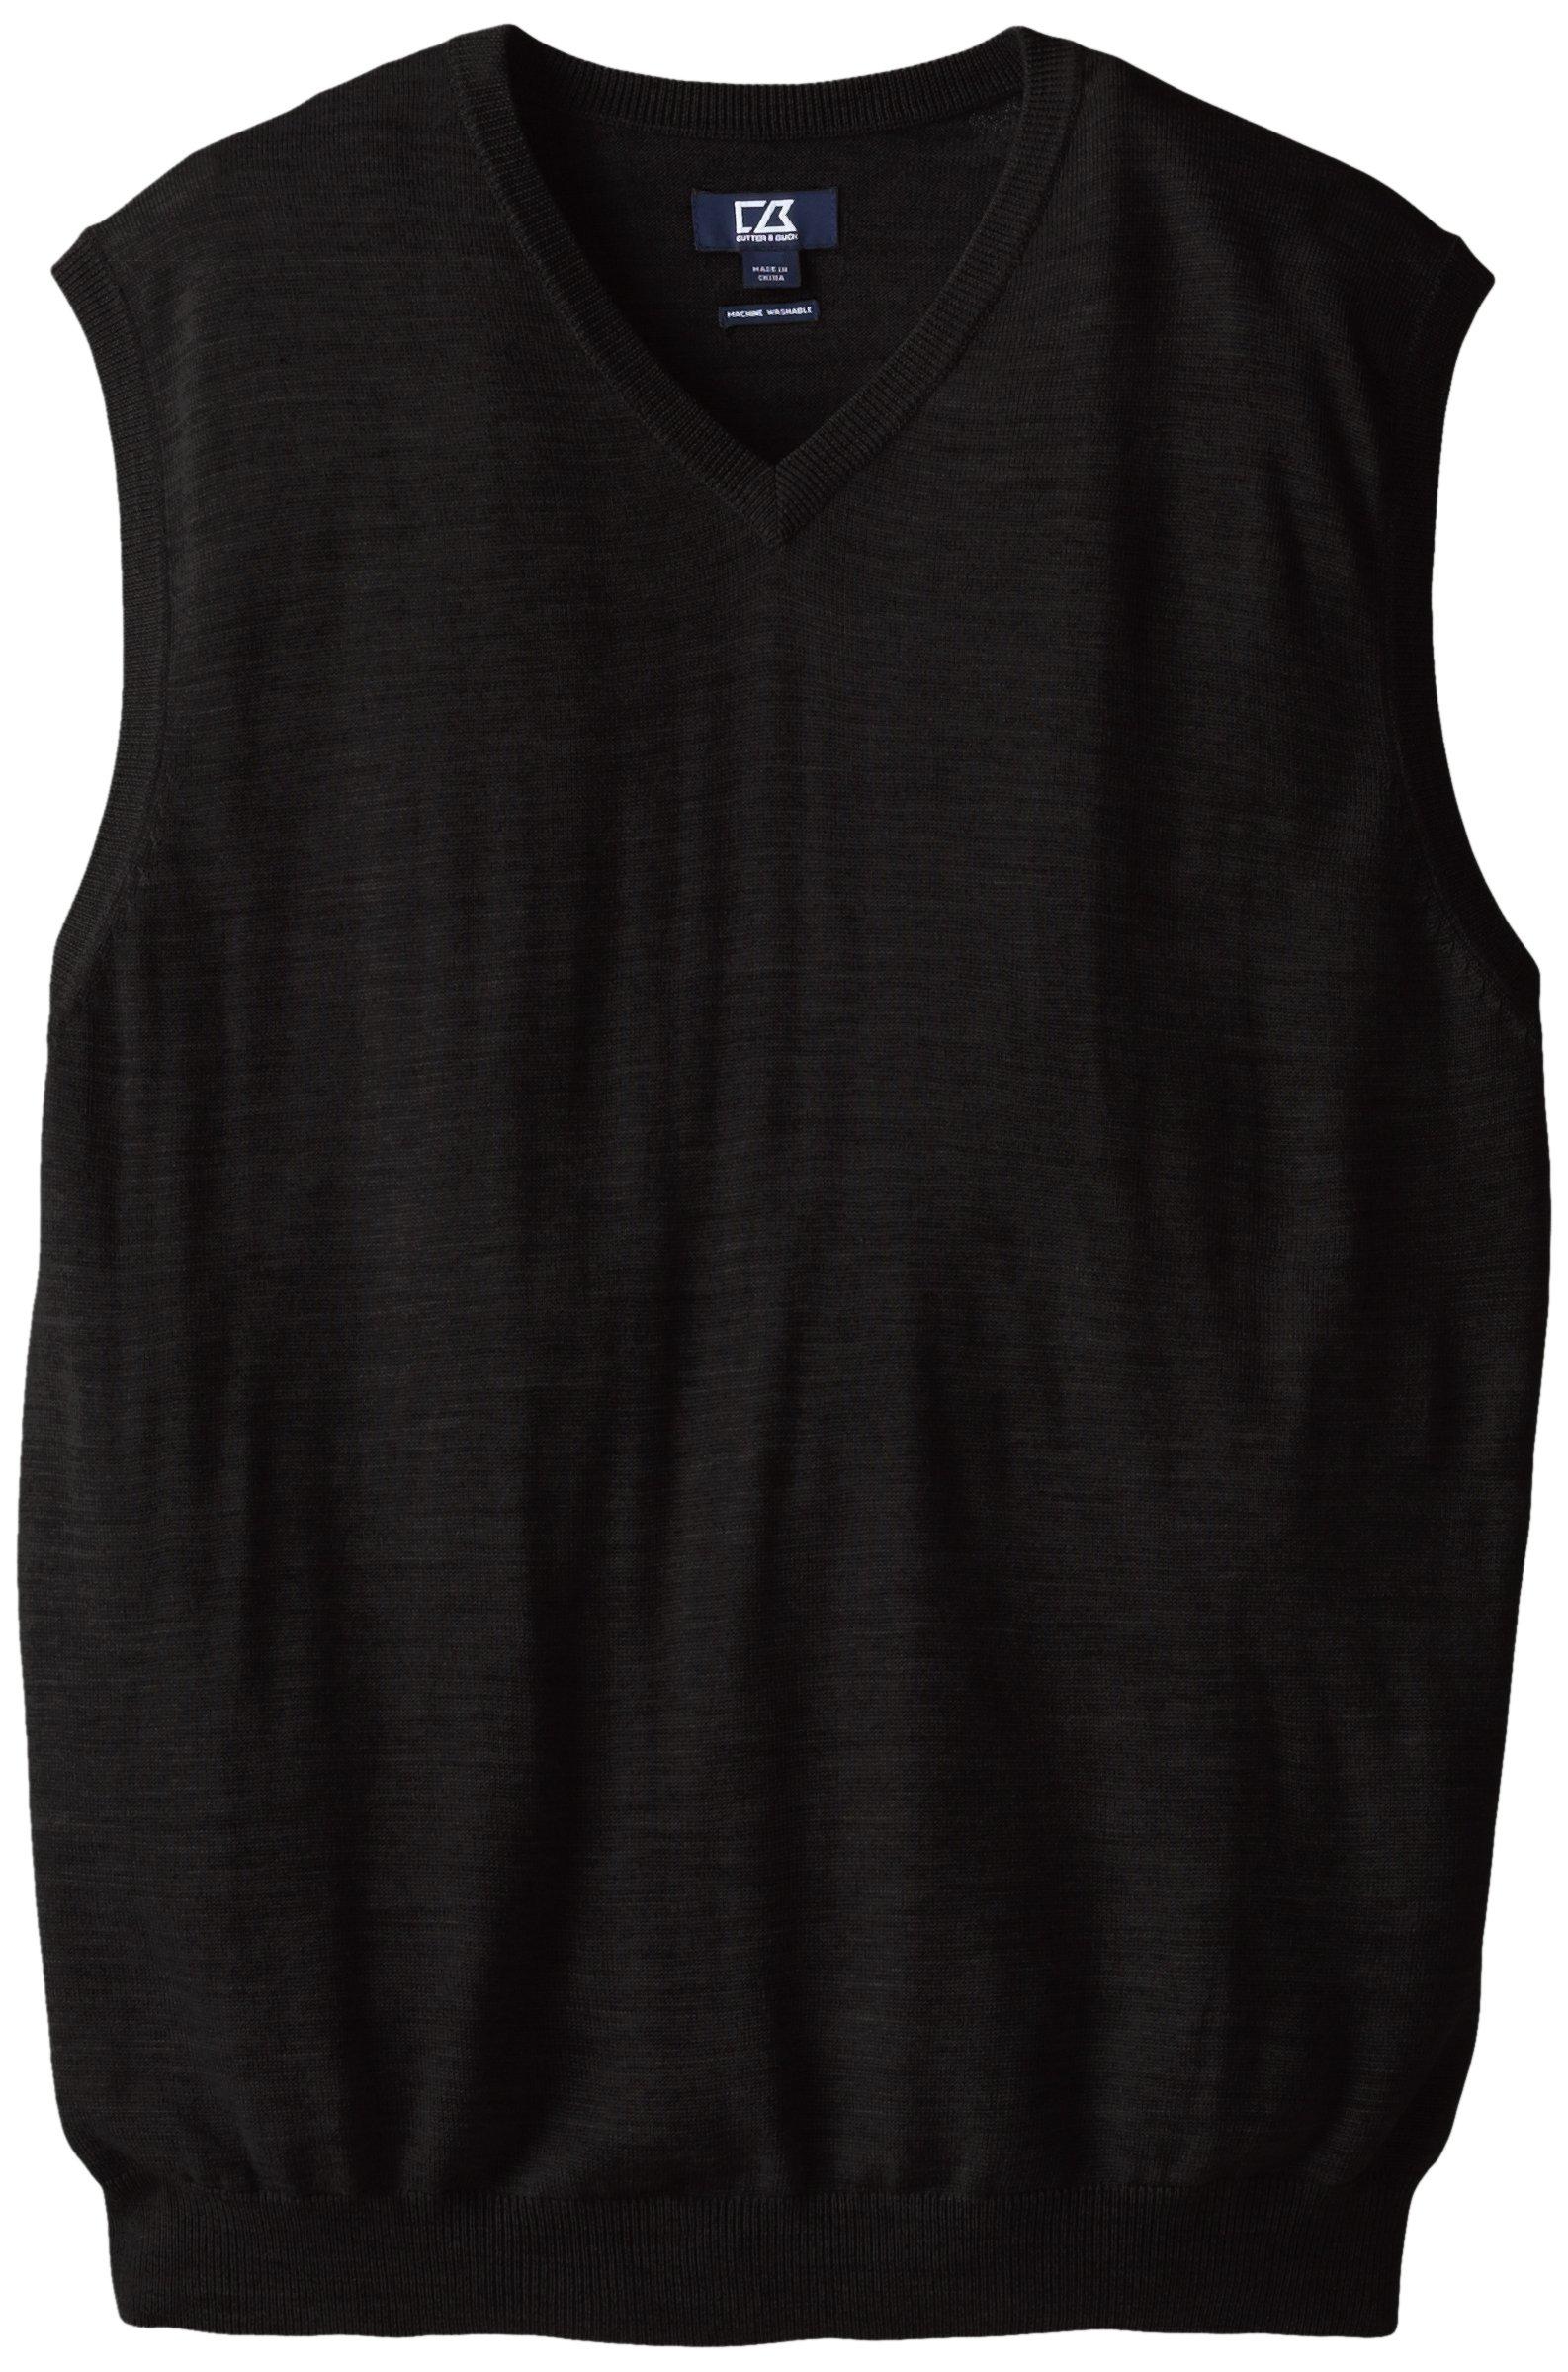 Cutter & Buck Men's Big-Tall Douglas V-Neck Sweater Vest, Black, 3X/Tall by Cutter & Buck